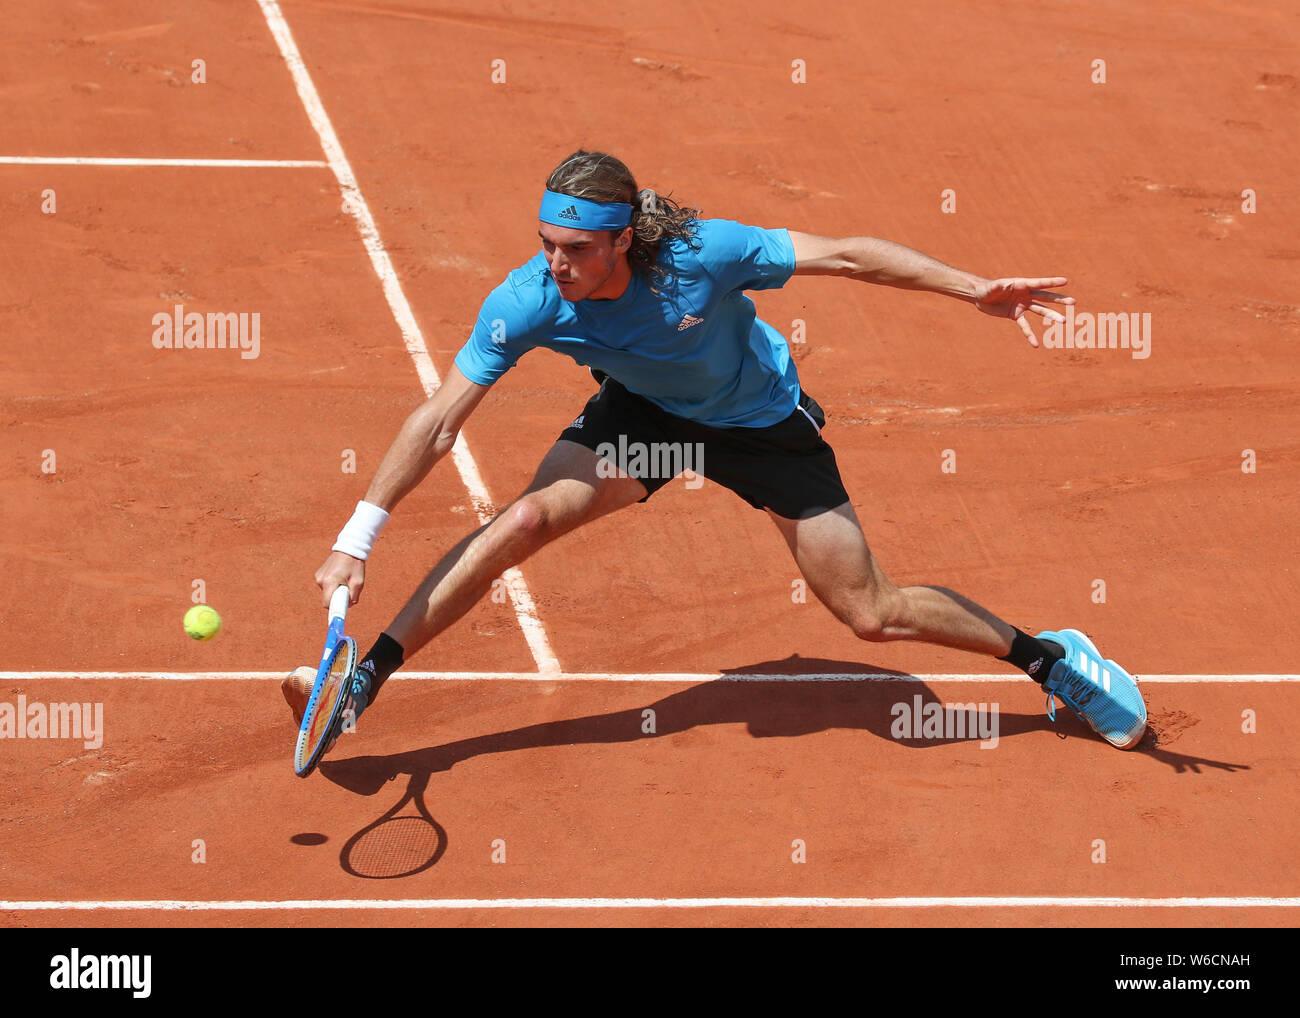 Jugador de tenis griego Stefanos Tsitsipas jugando un disparo de revés en el Torneo Abierto de Francia 2019, París, Francia Foto de stock